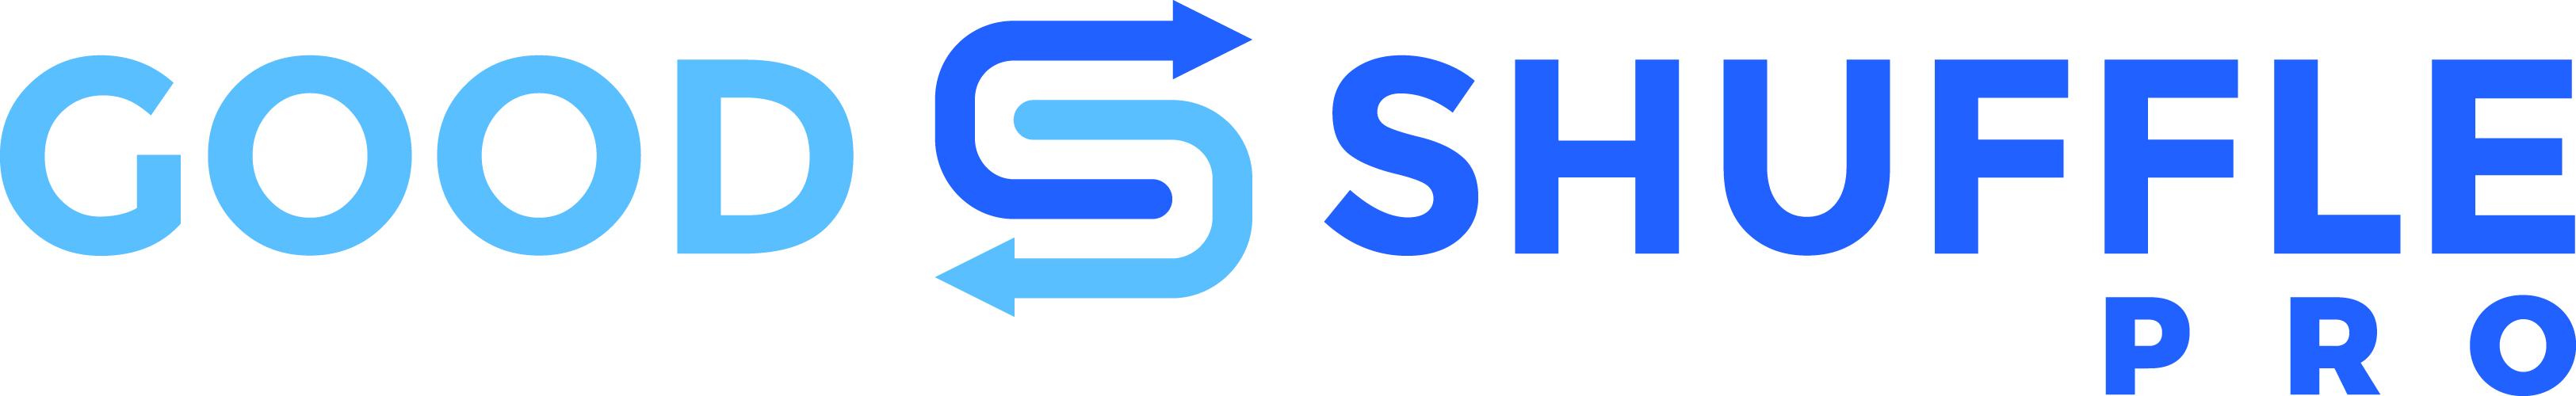 goodshuffle-pro-logo-cmyk